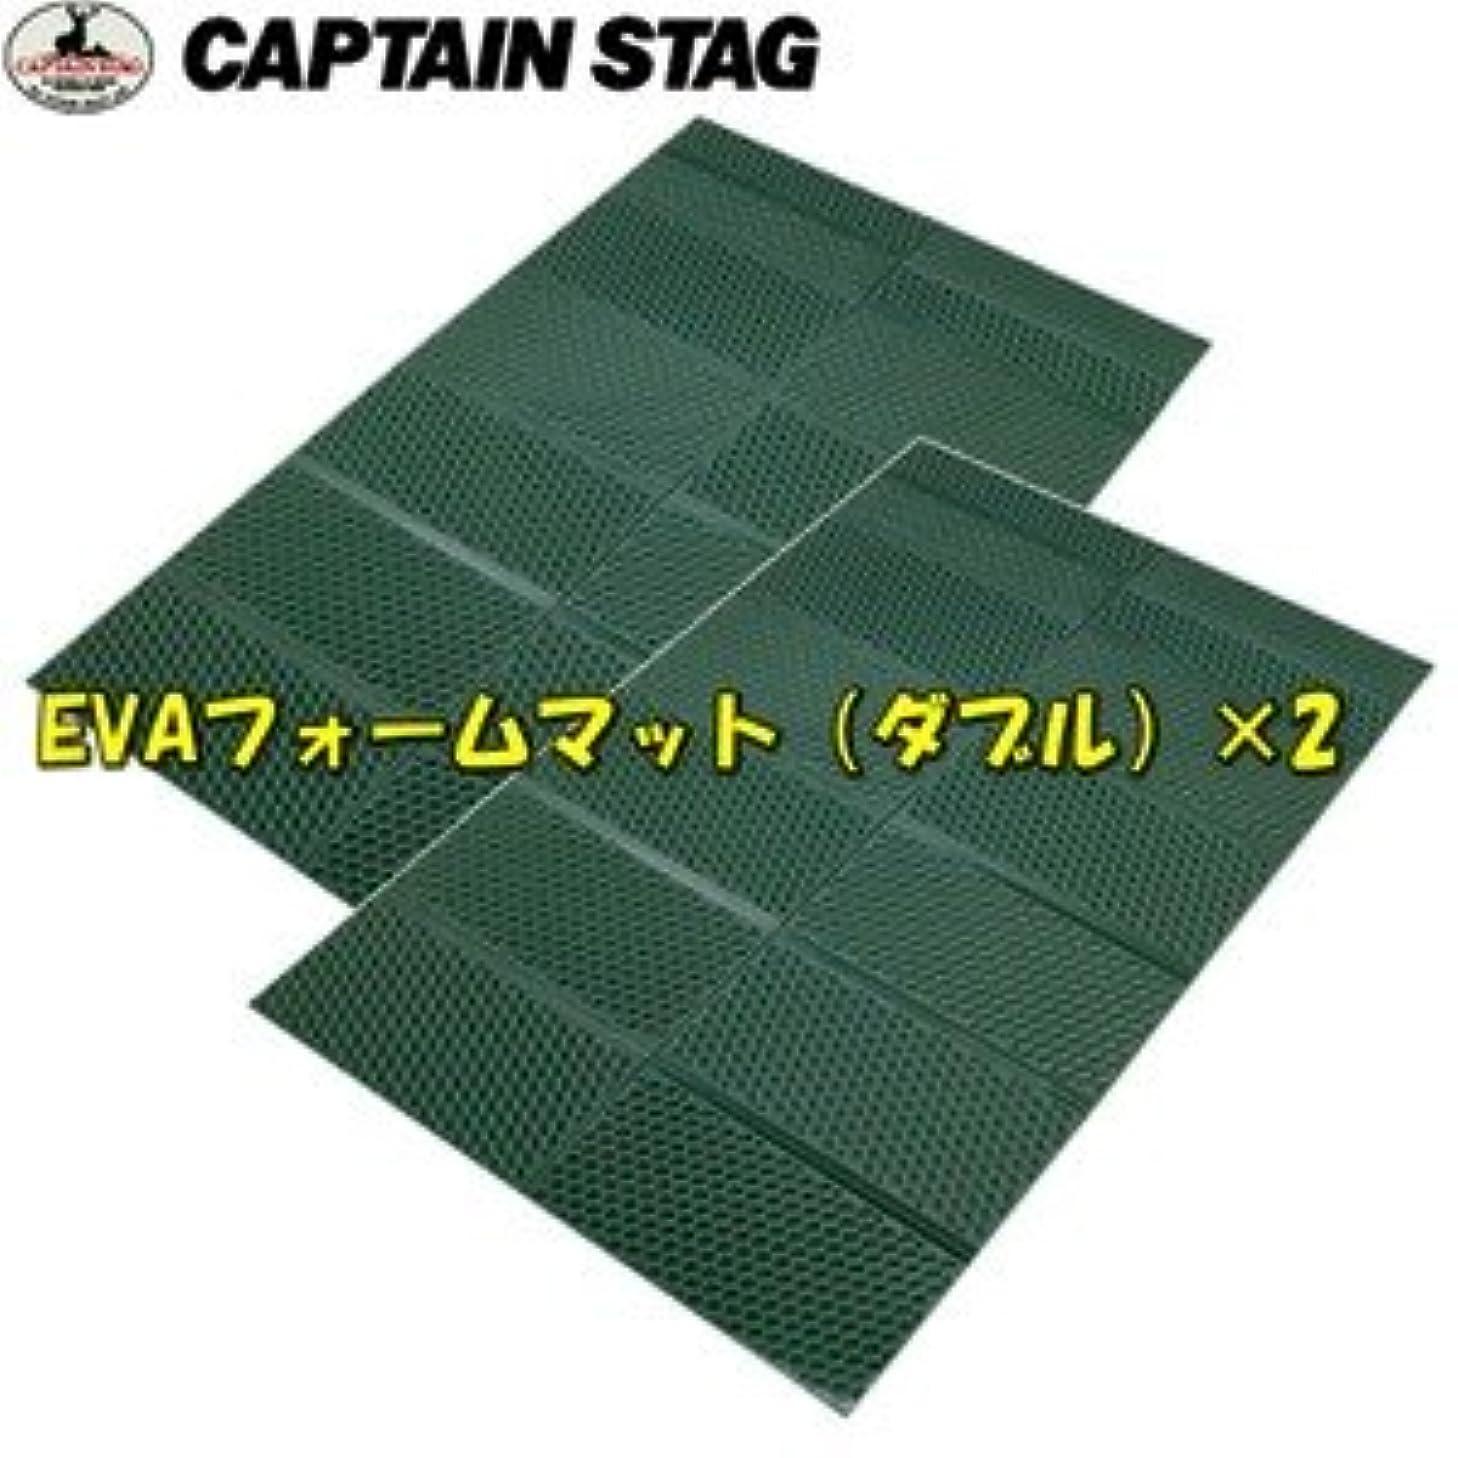 小麦粉湿った人形キャプテンスタッグ(CAPTAIN STAG) EVAフォームマット(ダブル)×2【お得な2点セット】